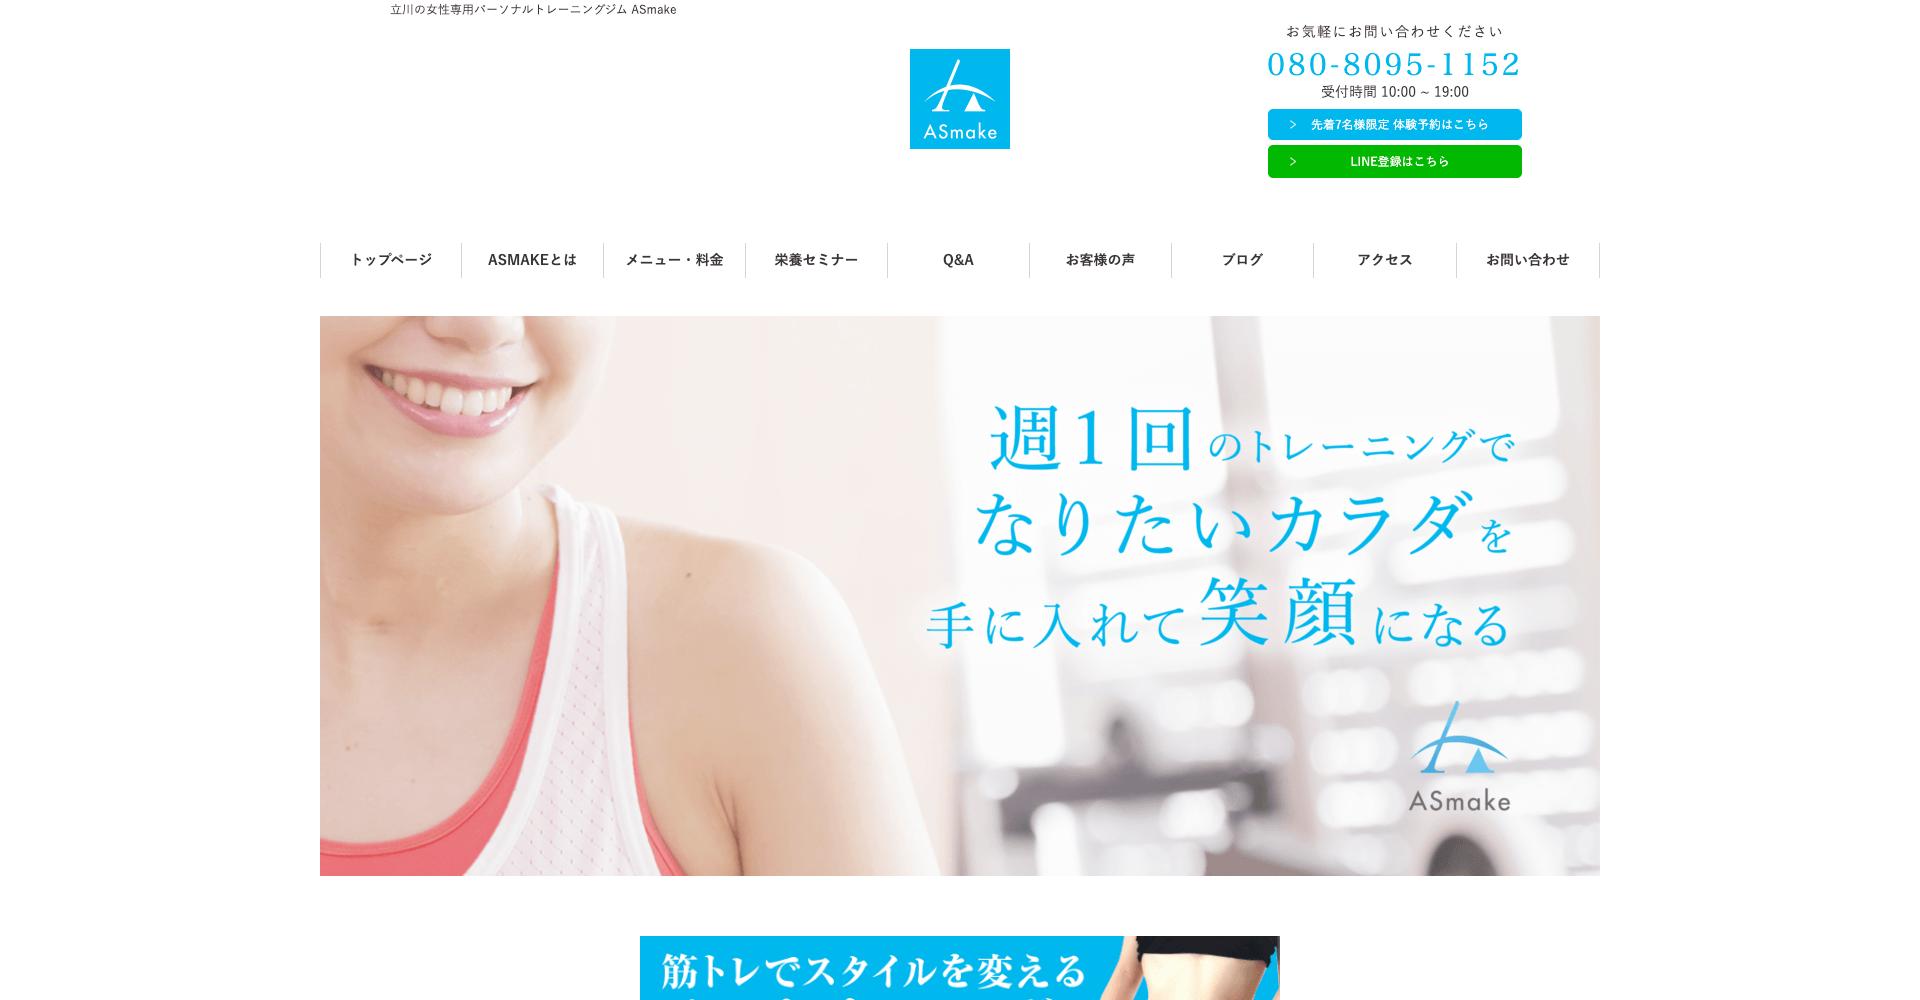 立川の女性専用パーソナルトレーニングジム「ボディメイクスタジオASmake(アスメイク)」